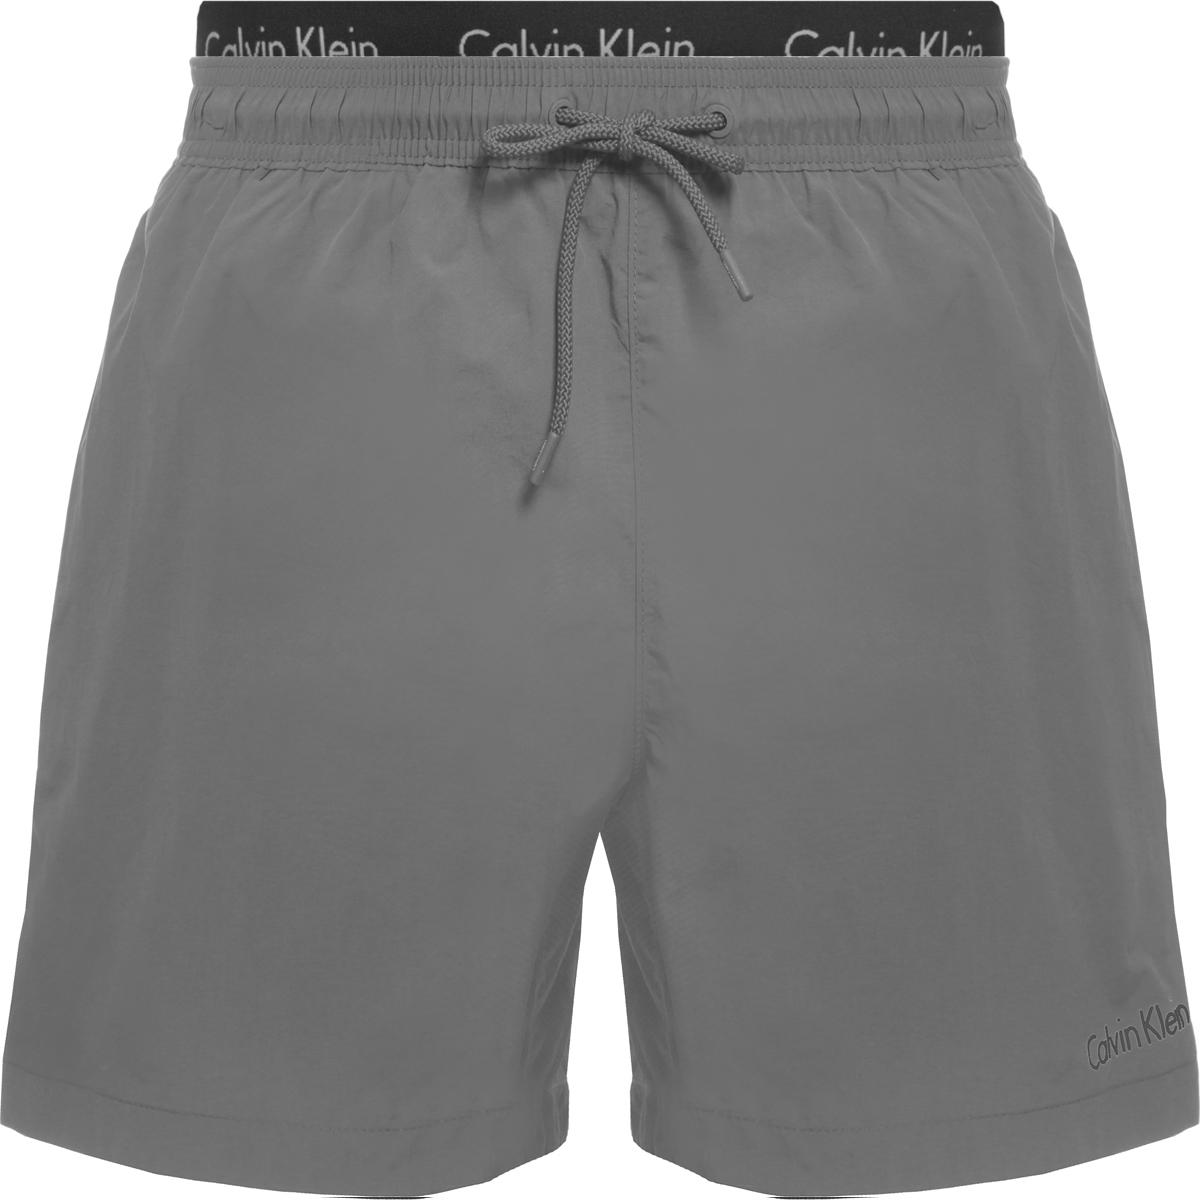 Шорты купальные мужские Calvin Klein Underwear, цвет: серый. KM0KM00167. Размер L (50)KM0KM00167Шорты купальные мужские Calvin Klein Underwear выполнены из полиамида. Модель дополнена затягивающимся шнурком.